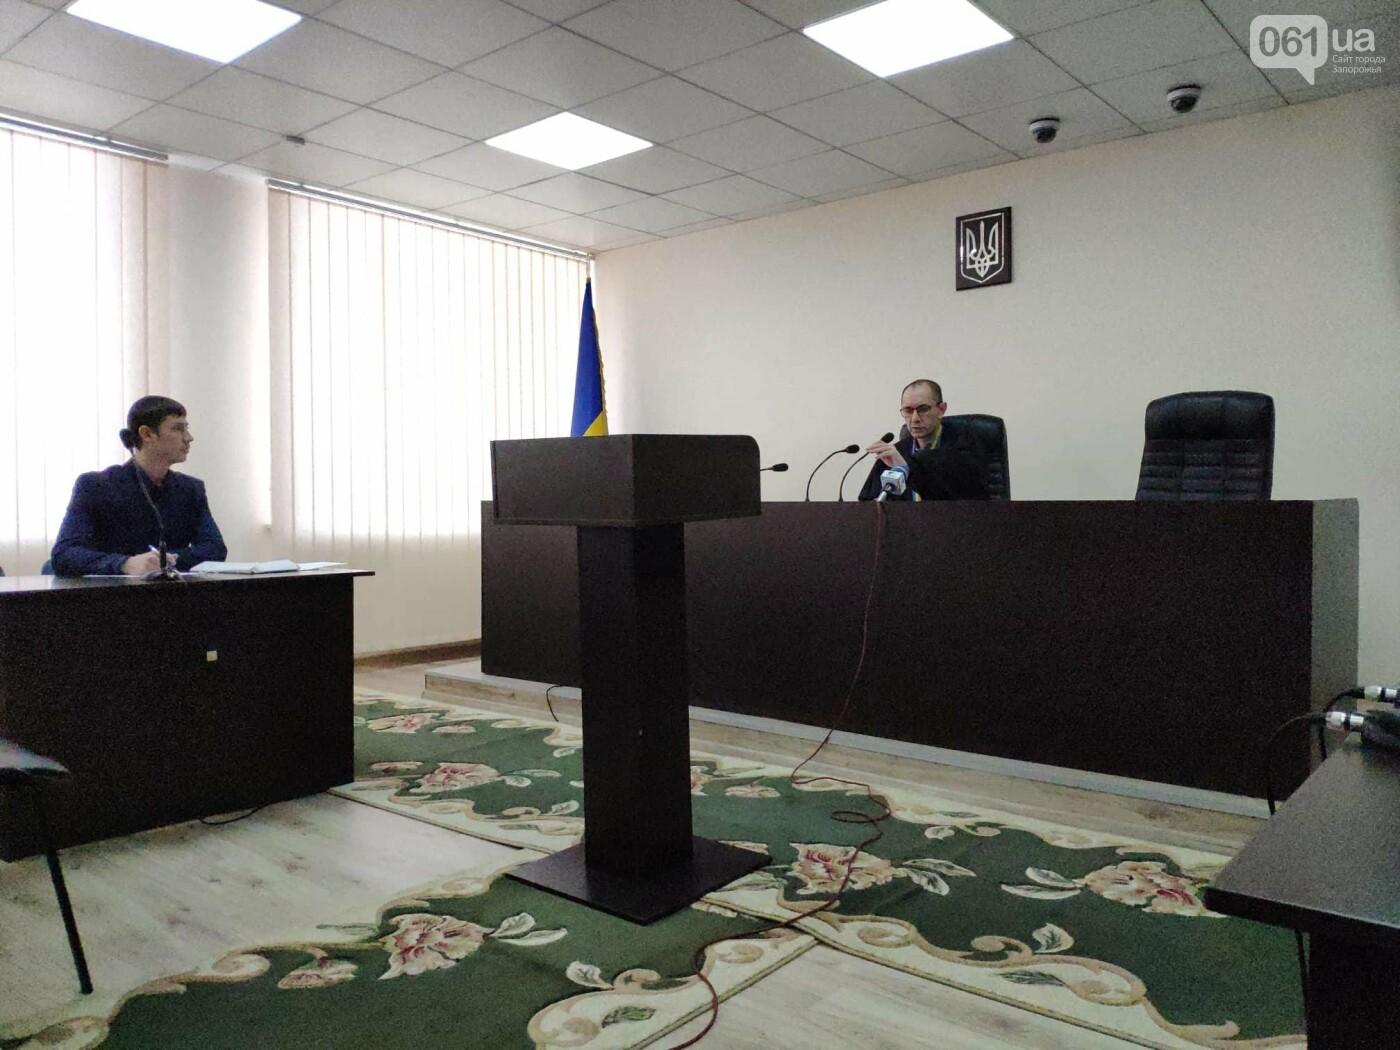 """Дело """"Сармата"""": один из подозреваемых в убийстве Олешко остался без адвоката, у второго – родился ребенок, фото-2"""